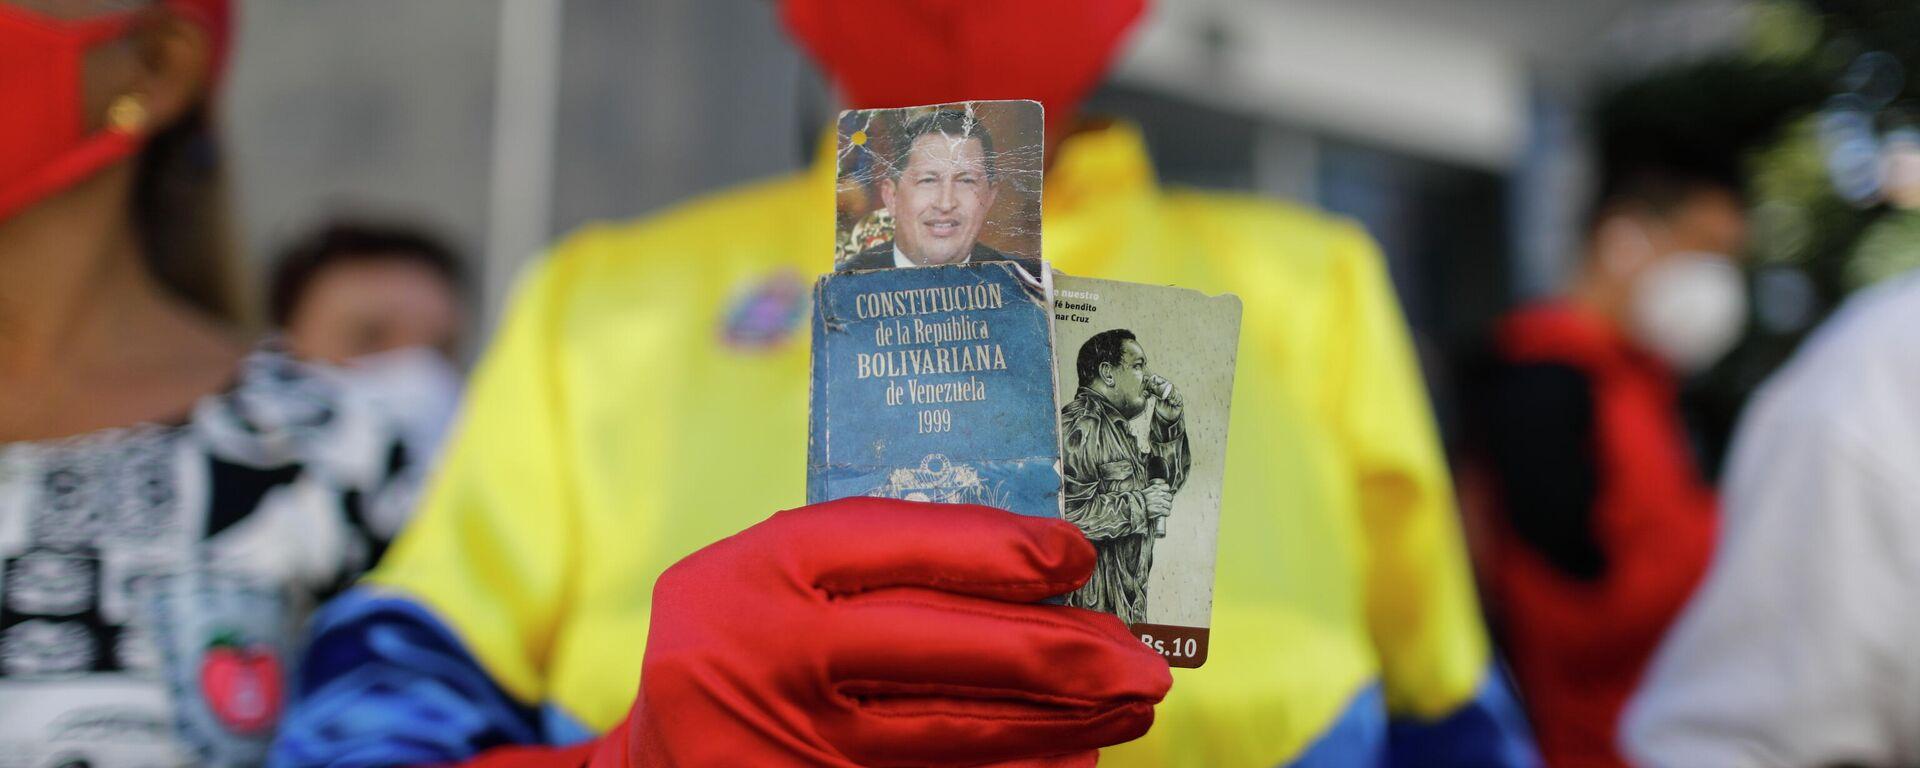 Constitución de Venezuela - Sputnik Mundo, 1920, 15.07.2021